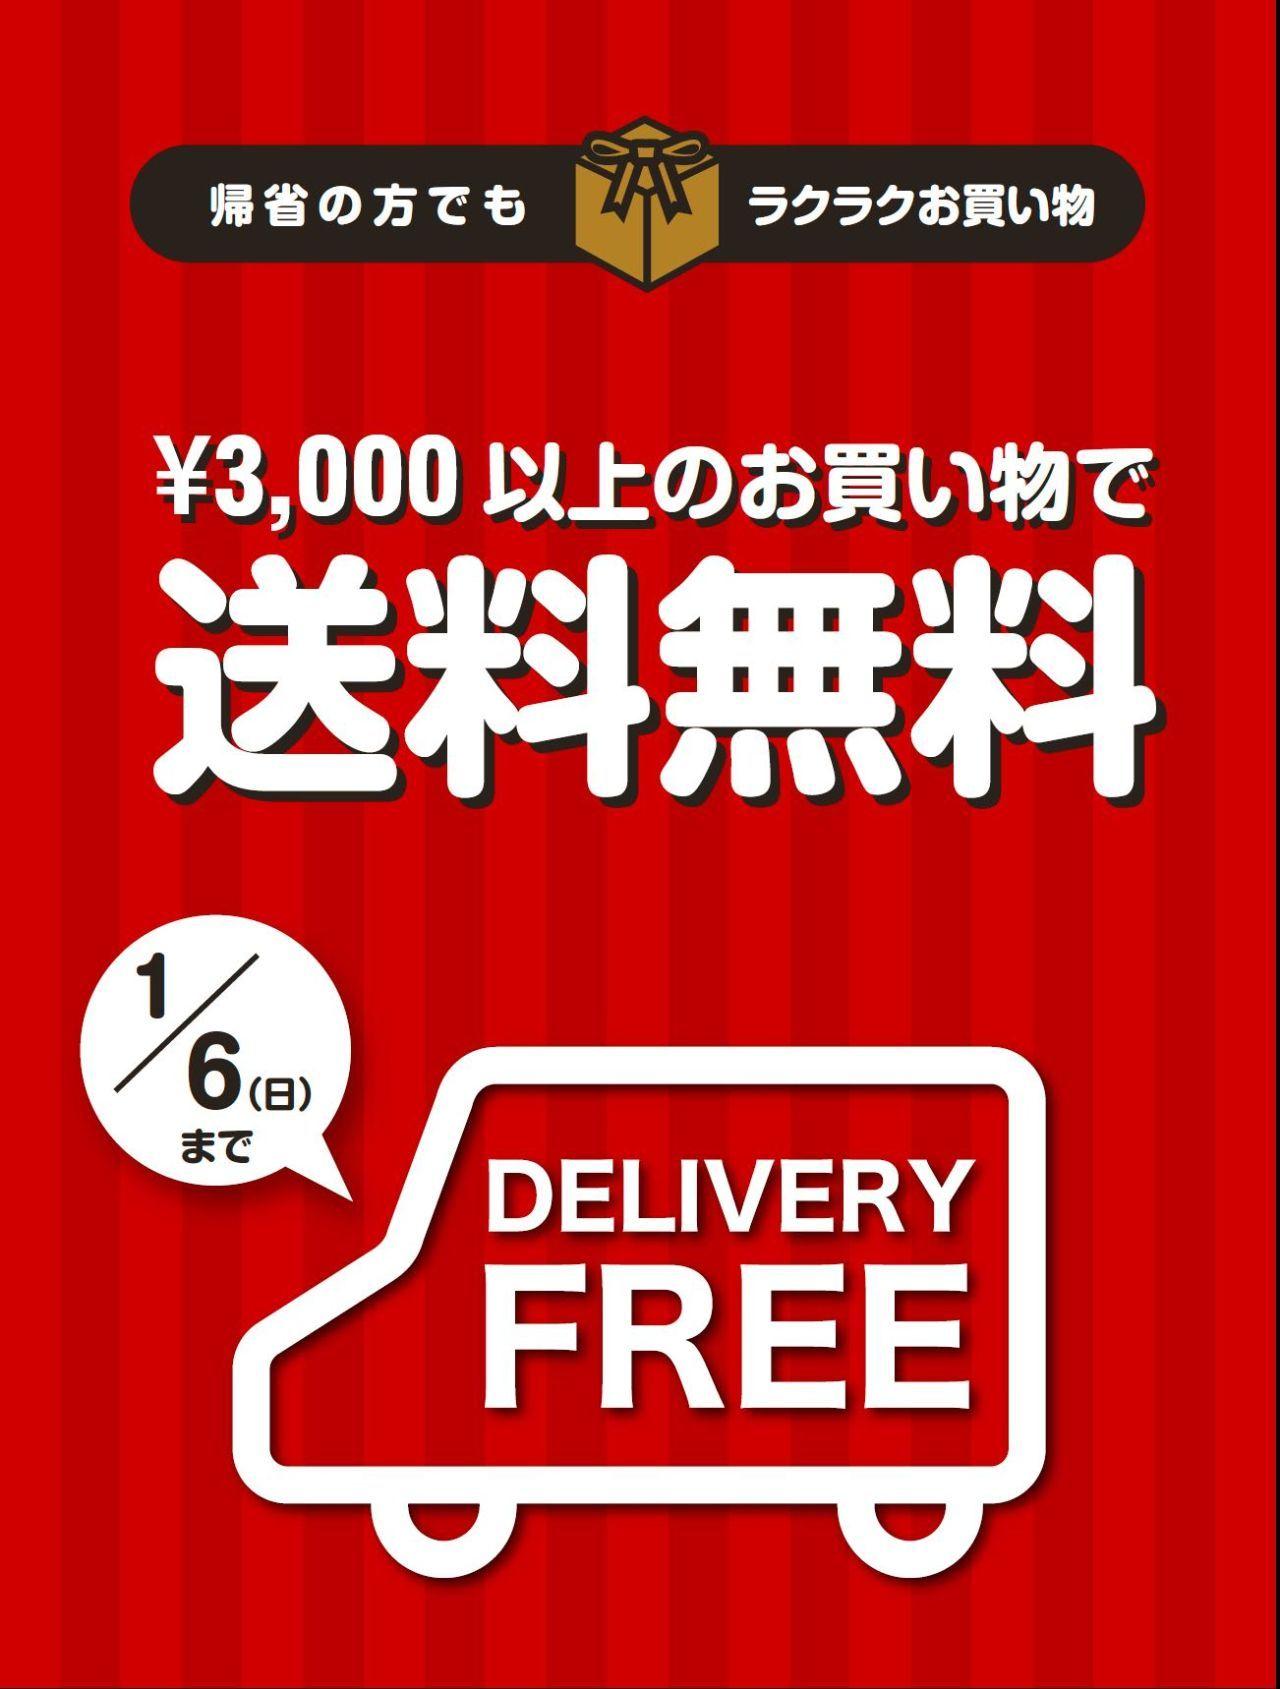 「【キャンペーン】3,000円以上送料無料【本日まで】」の写真